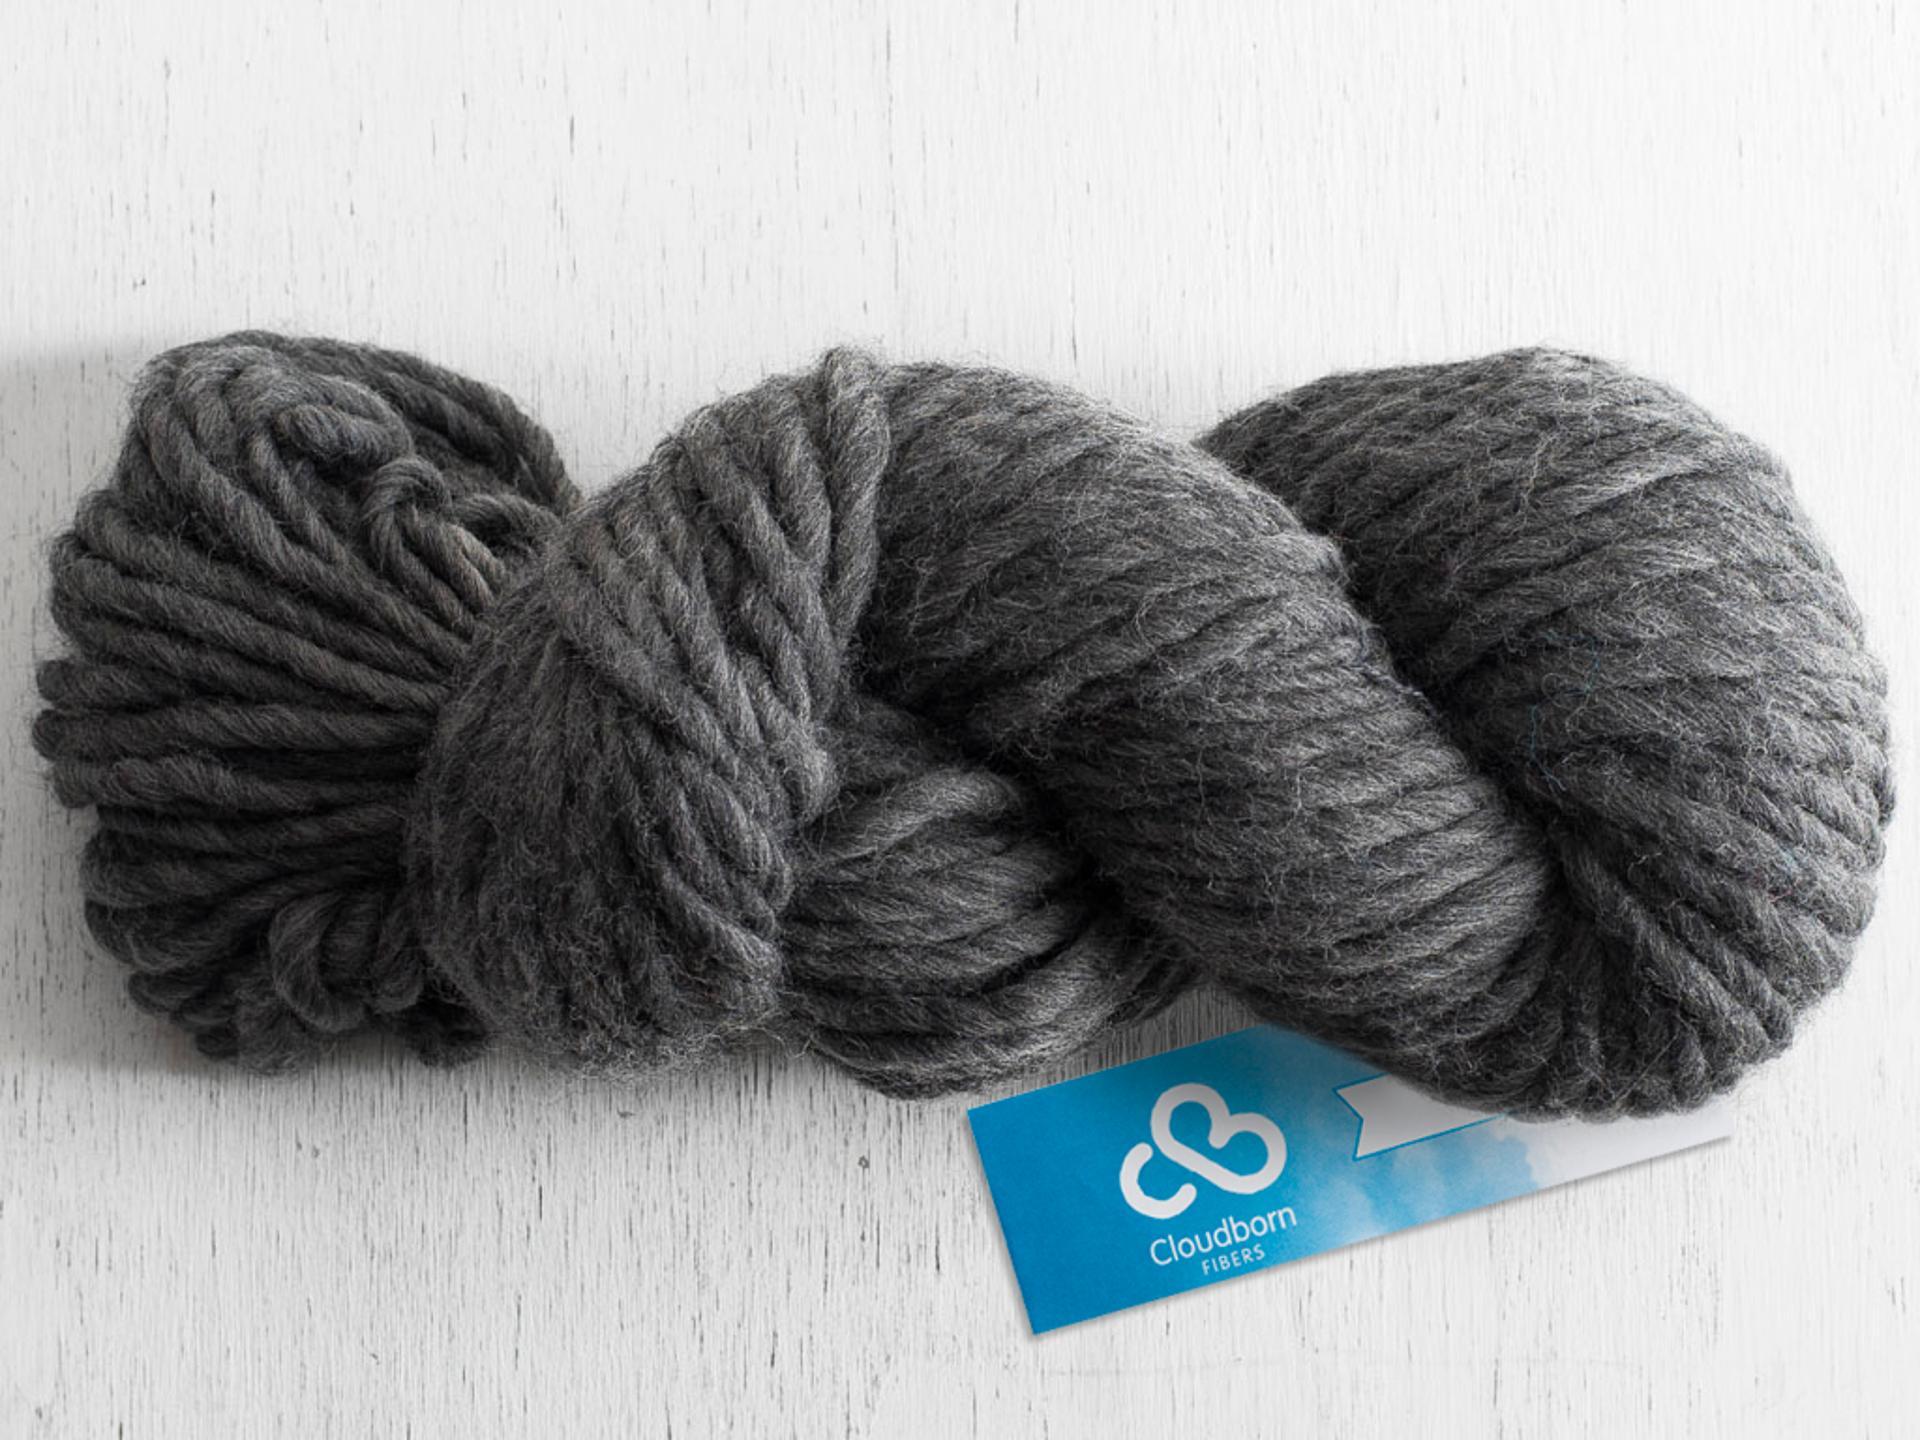 cloudborn highland roving yarn